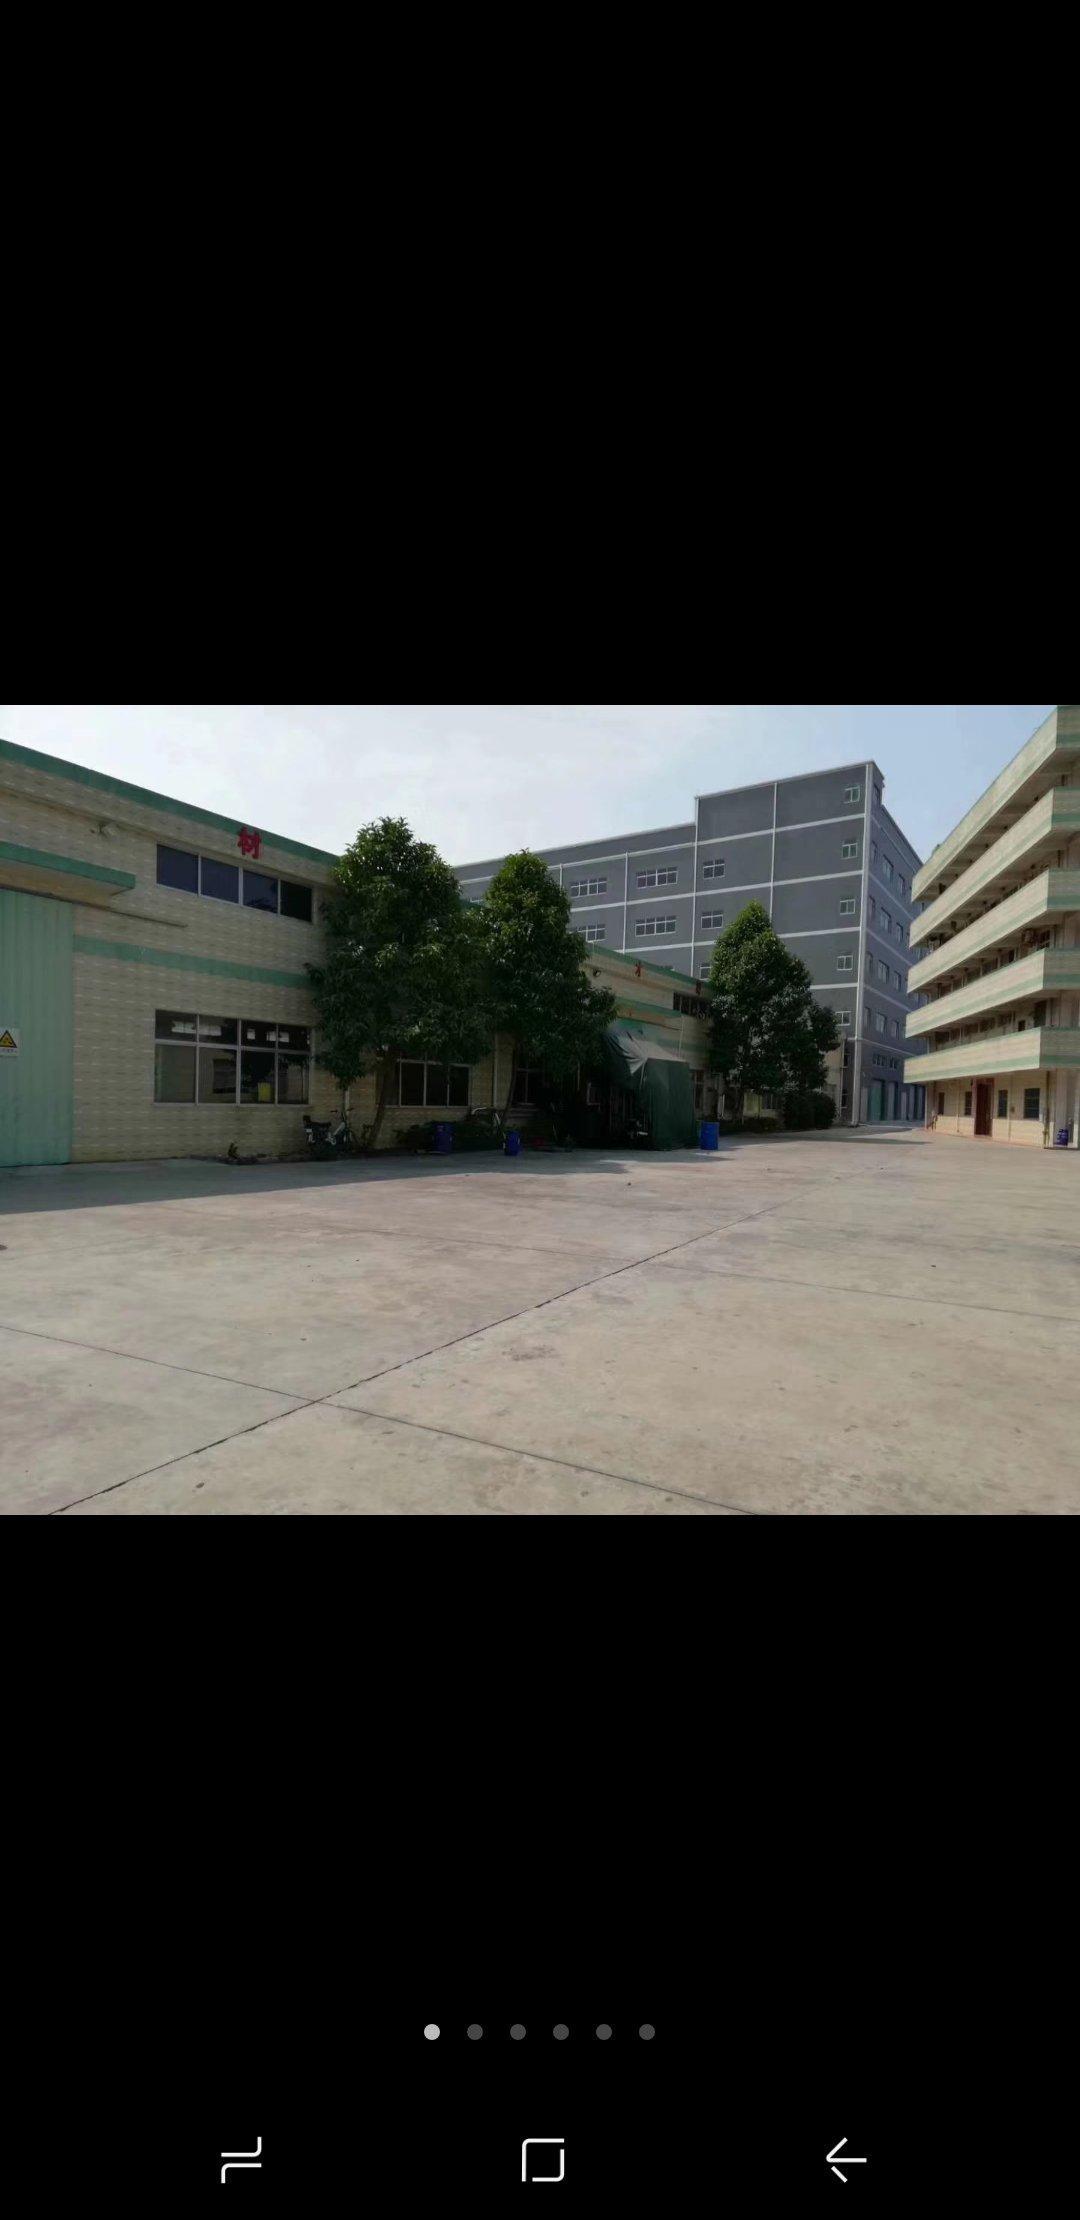 惠州市成熟工业区大路边厂房出租